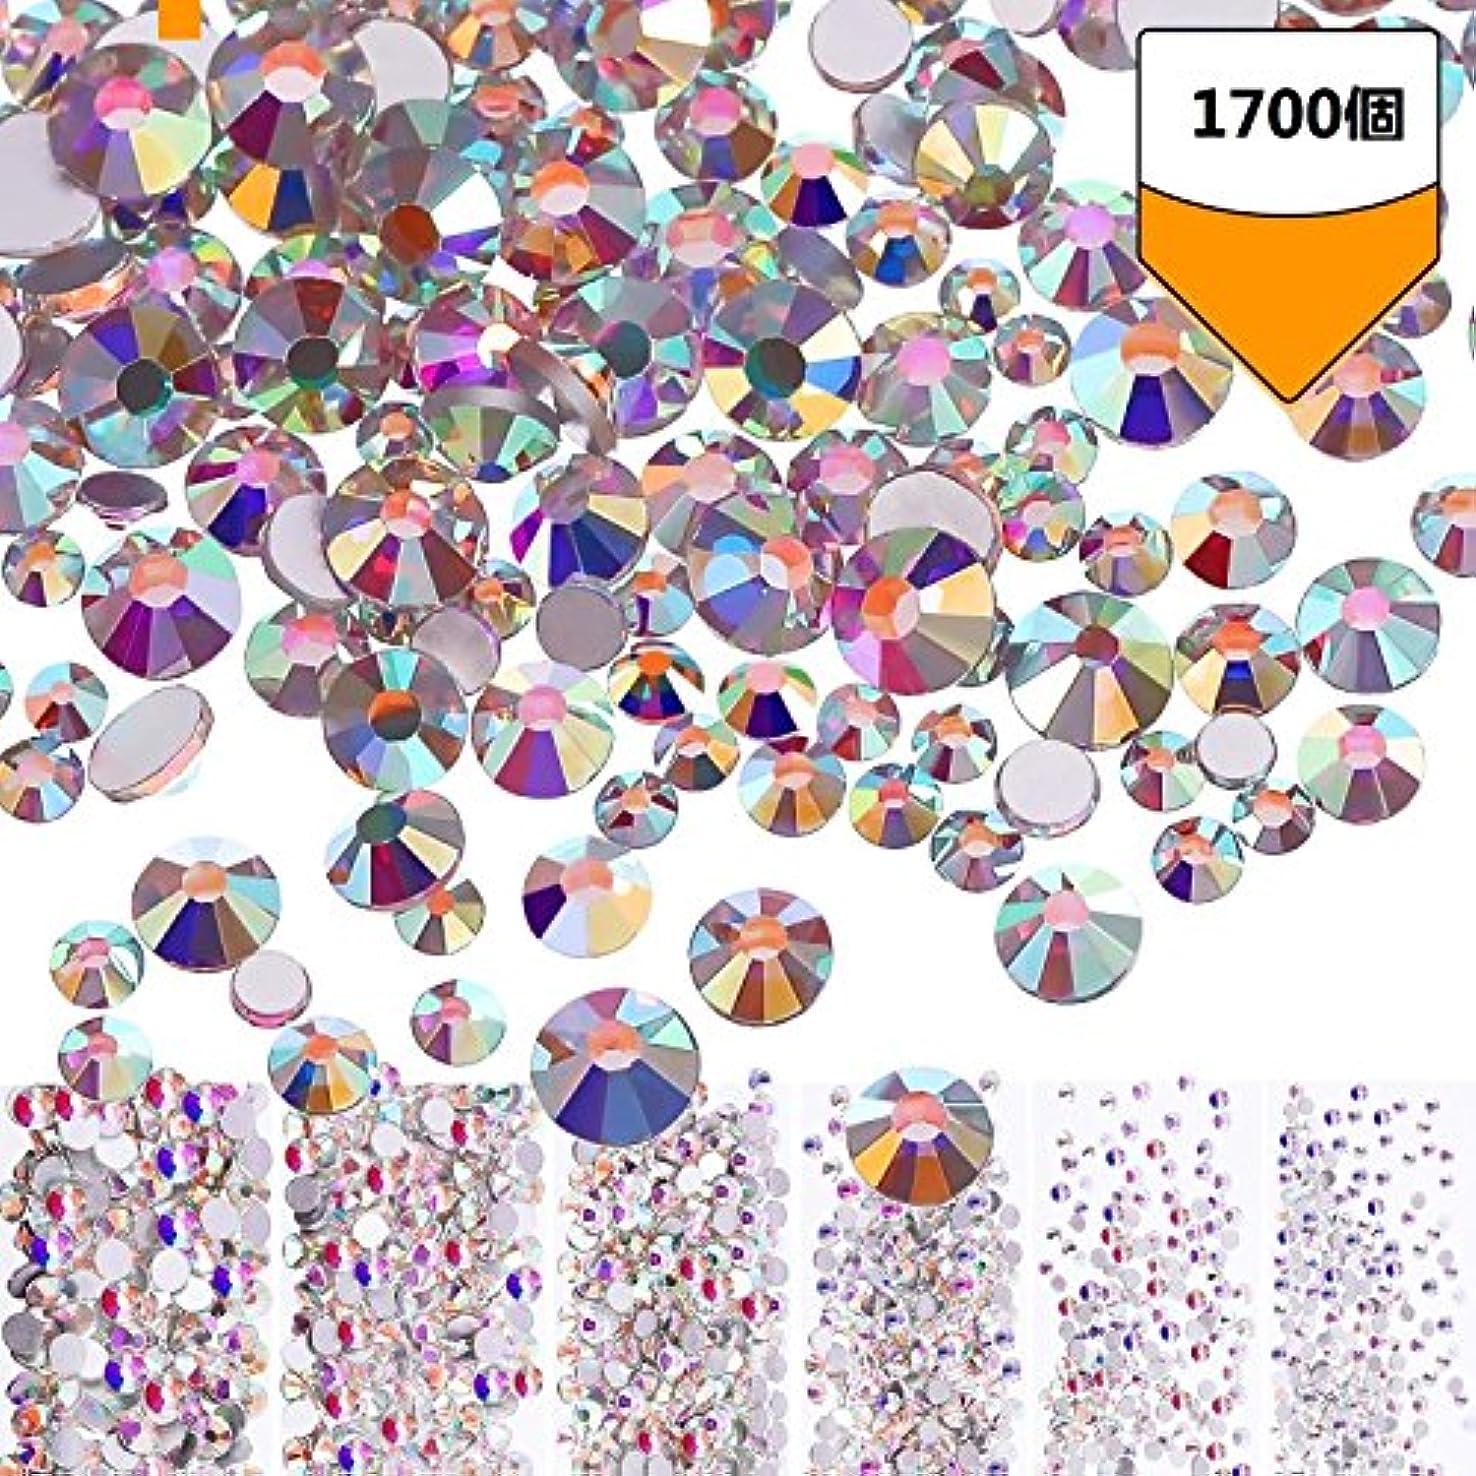 フクロウのみヘルシーラインストーン ネイル デコ ガラスストーン クリスタル 改良 高品質ガラス製ラインストーン(1.6mm-3mm 約1700粒)